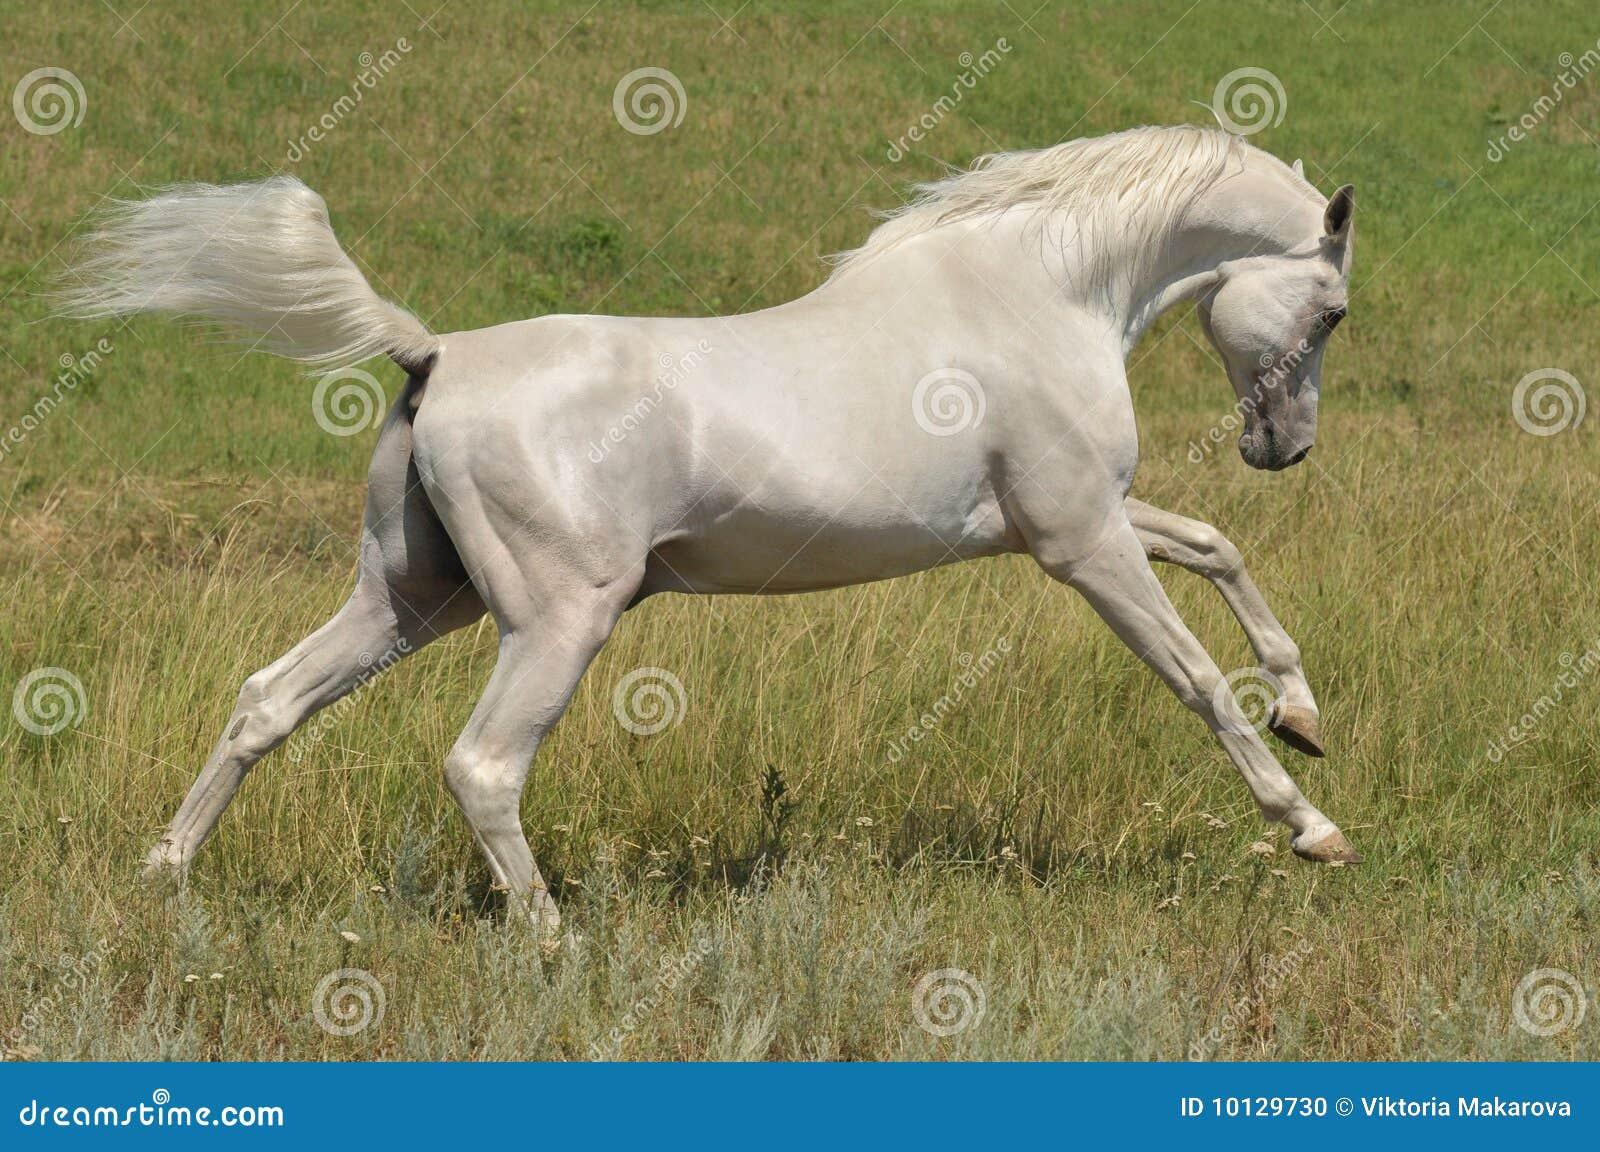 Stallion Arabian White Horse Running Wild Stock Photo ...